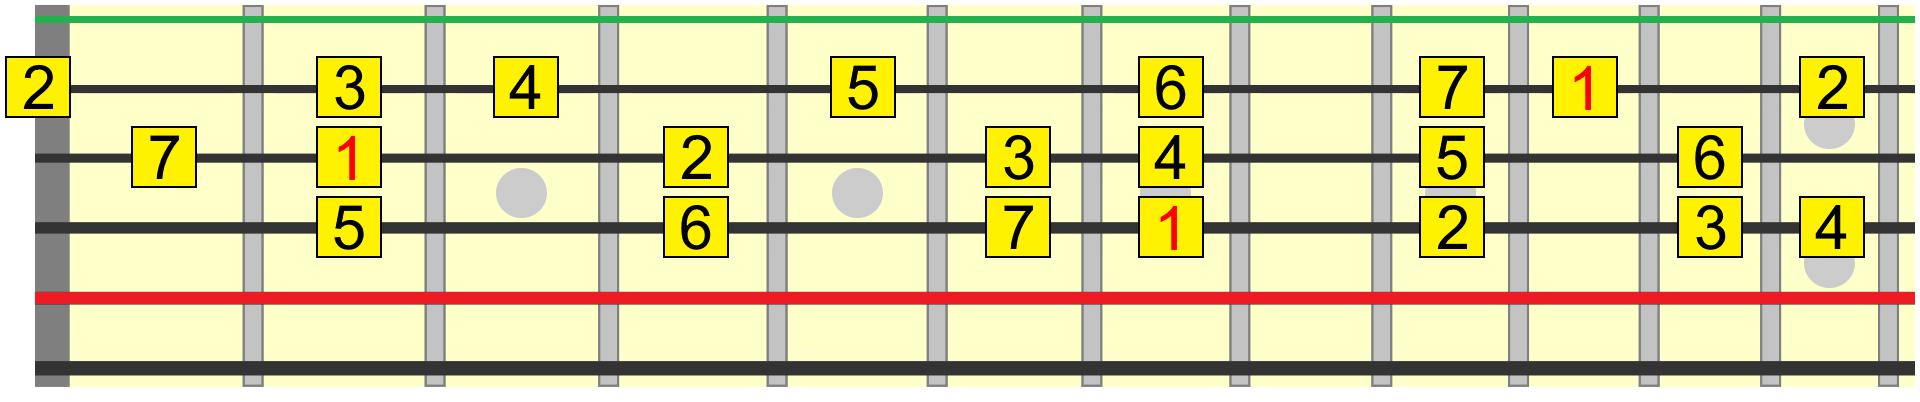 Ionian harmony roadmap